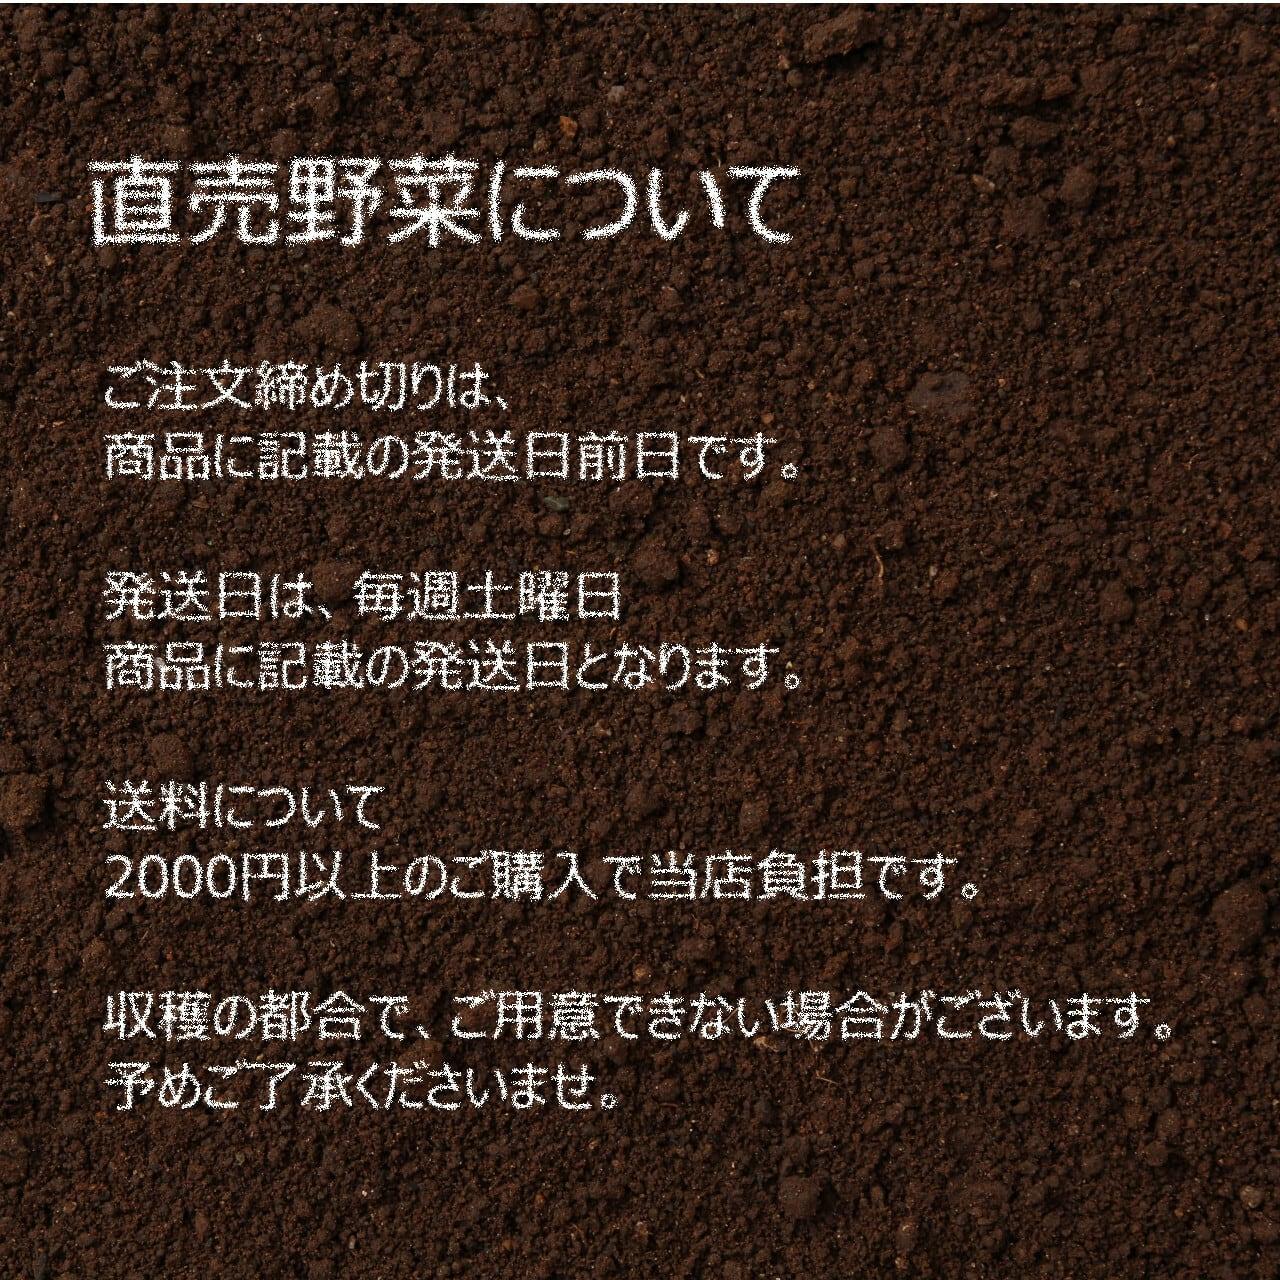 10月の朝採り直売野菜 : ピーマン 約250g 新鮮な秋野菜 10月31日発送予定